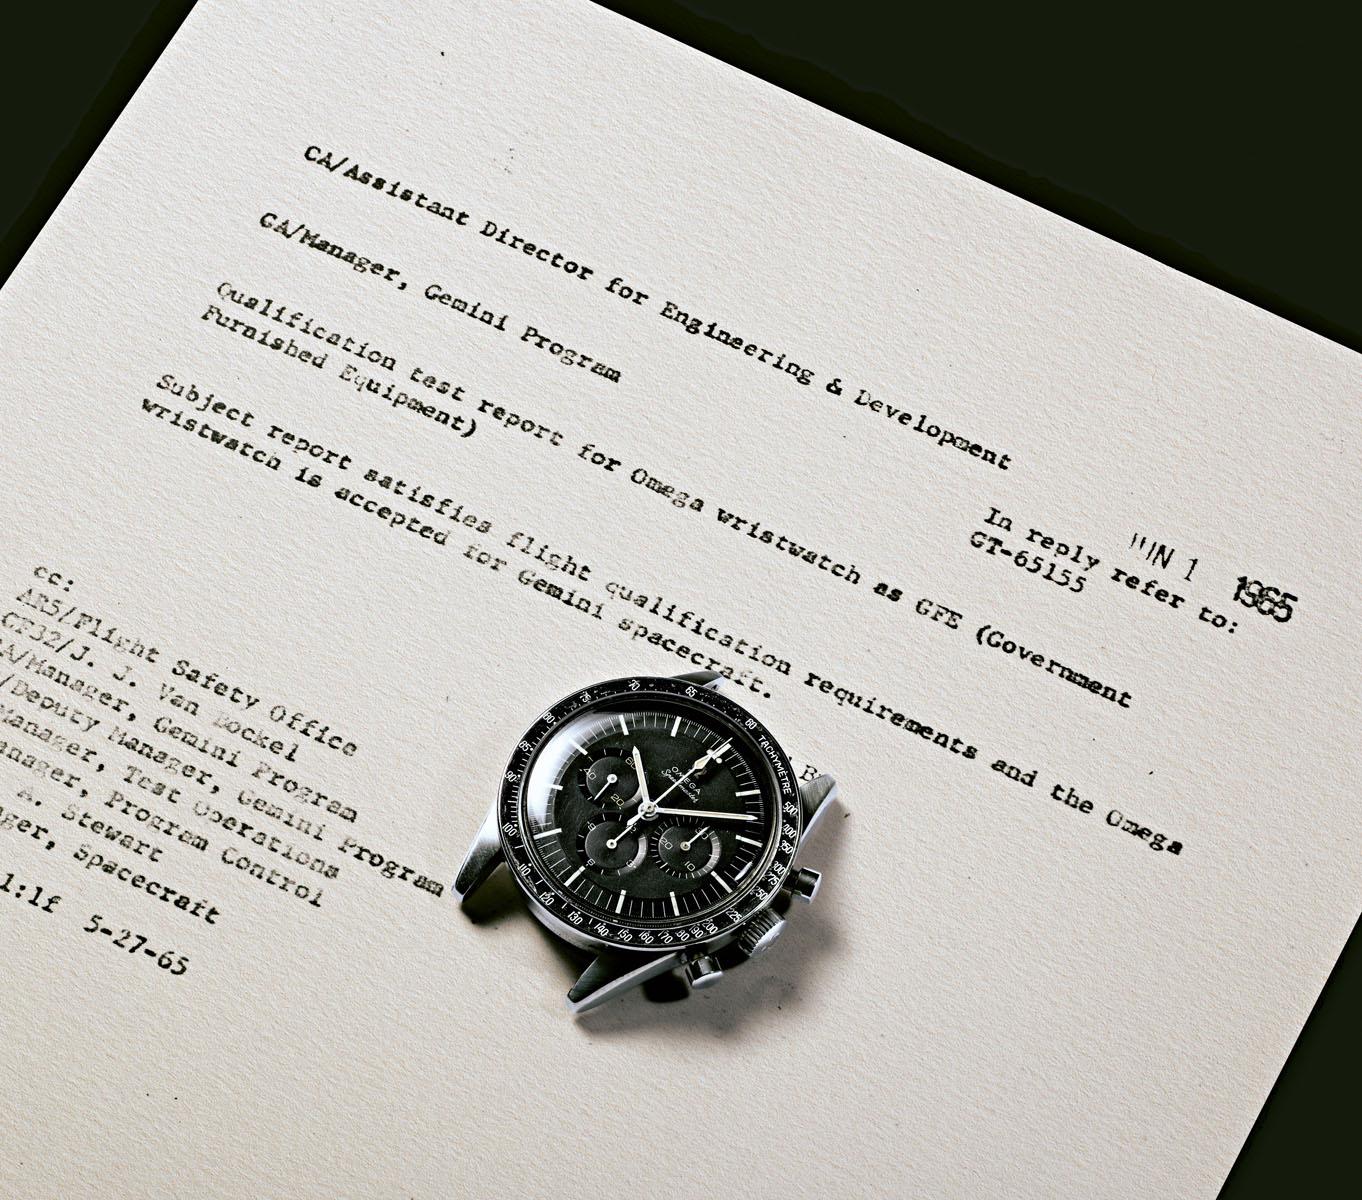 NASAの公式腕時計に認定画像